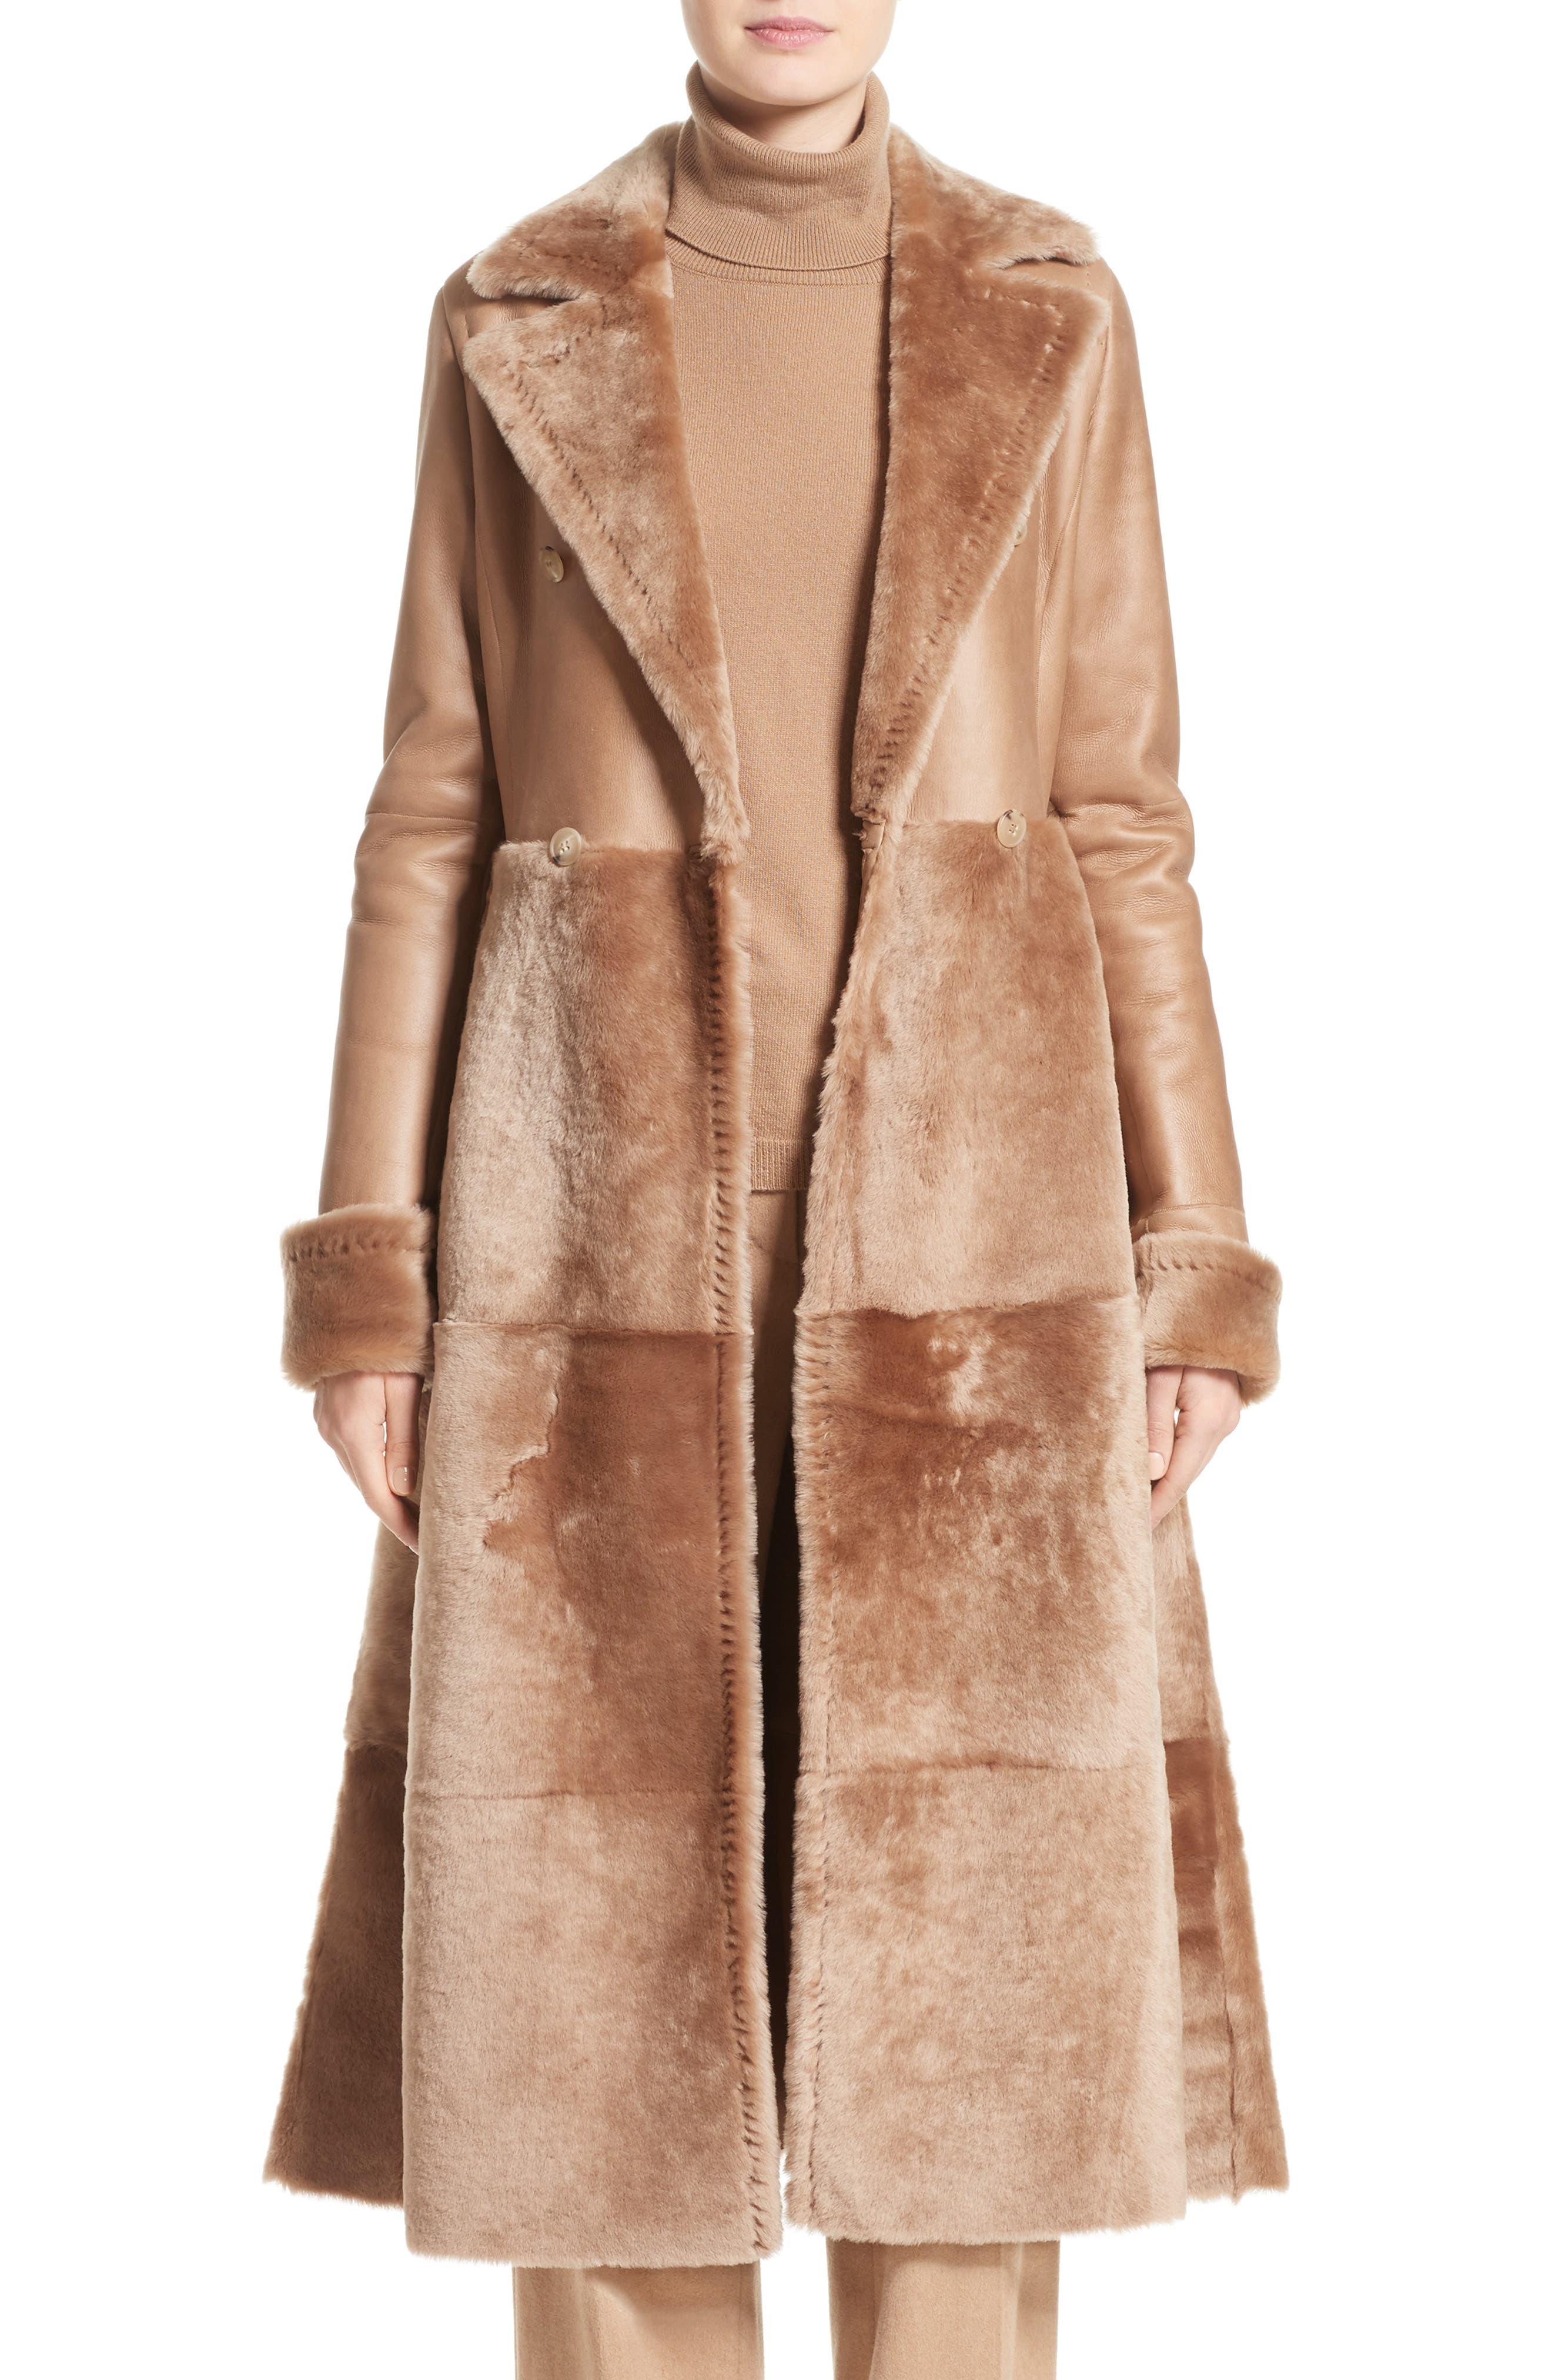 MAX MARA Rimini Genuine Shearling Coat, Main, color, CAMEL